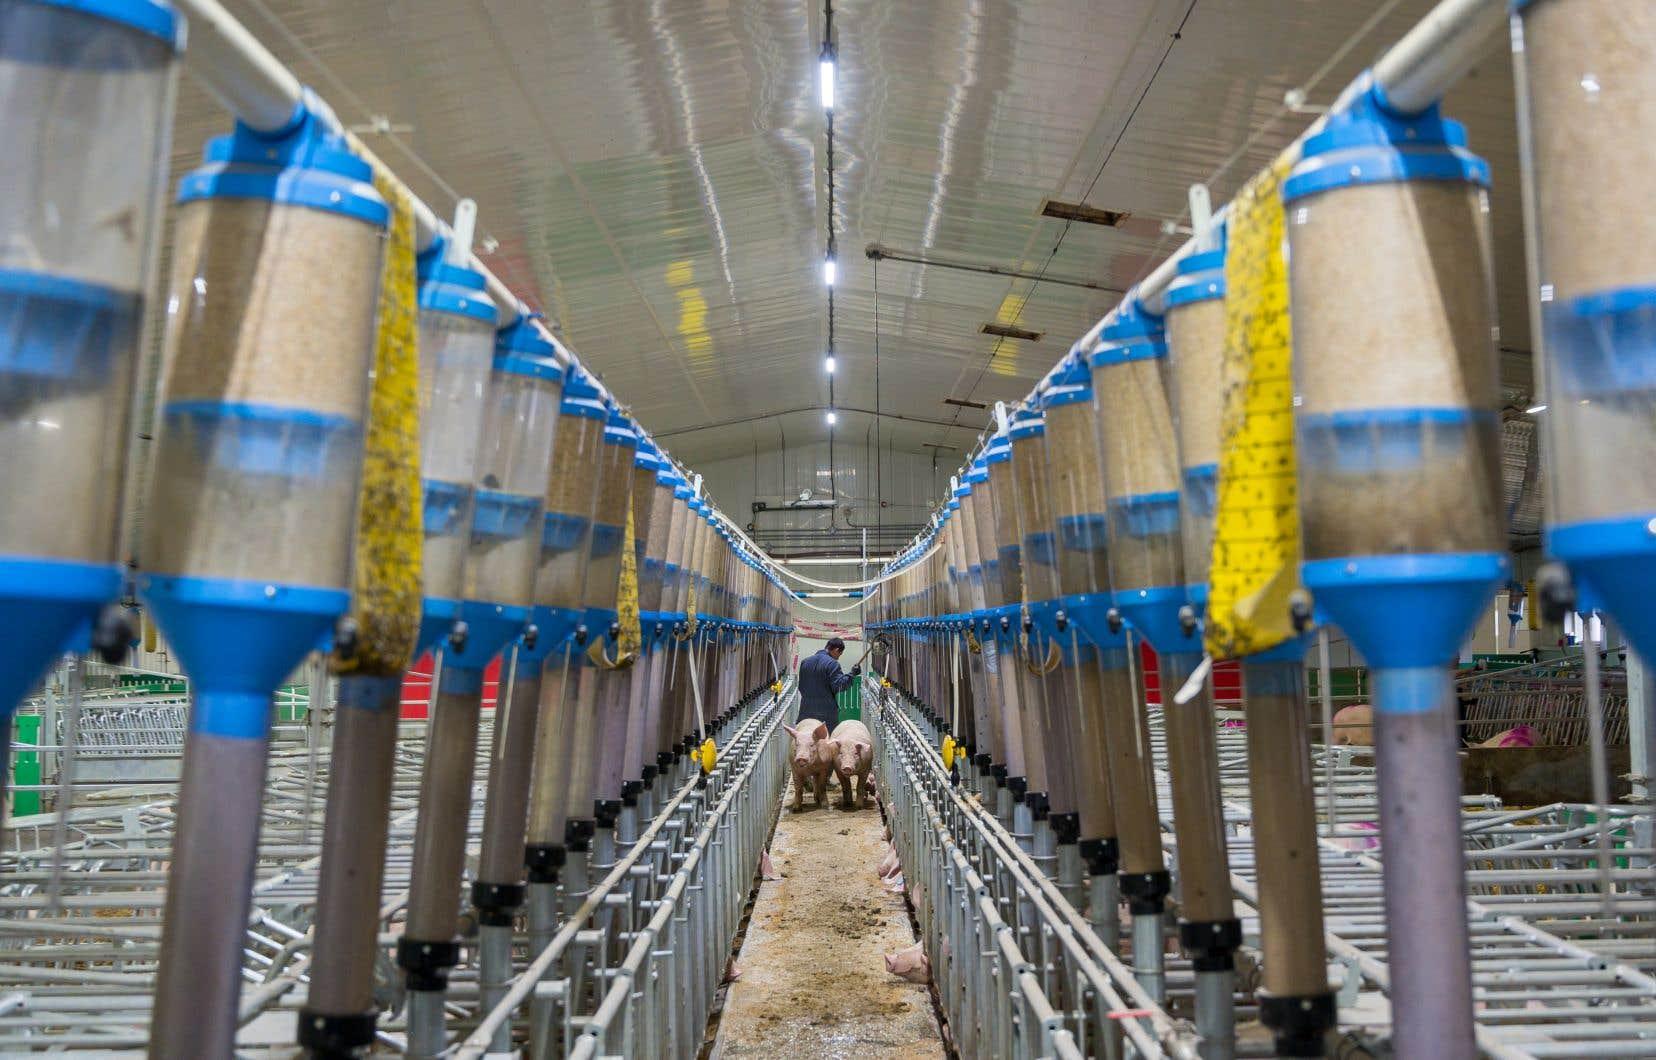 La maternité de la porcherie de l'entreprise Viandes biologiques de Charlevoix est chauffé par un système à la biomasse, beaucoup moins énergivore qu'un système conventionnel.